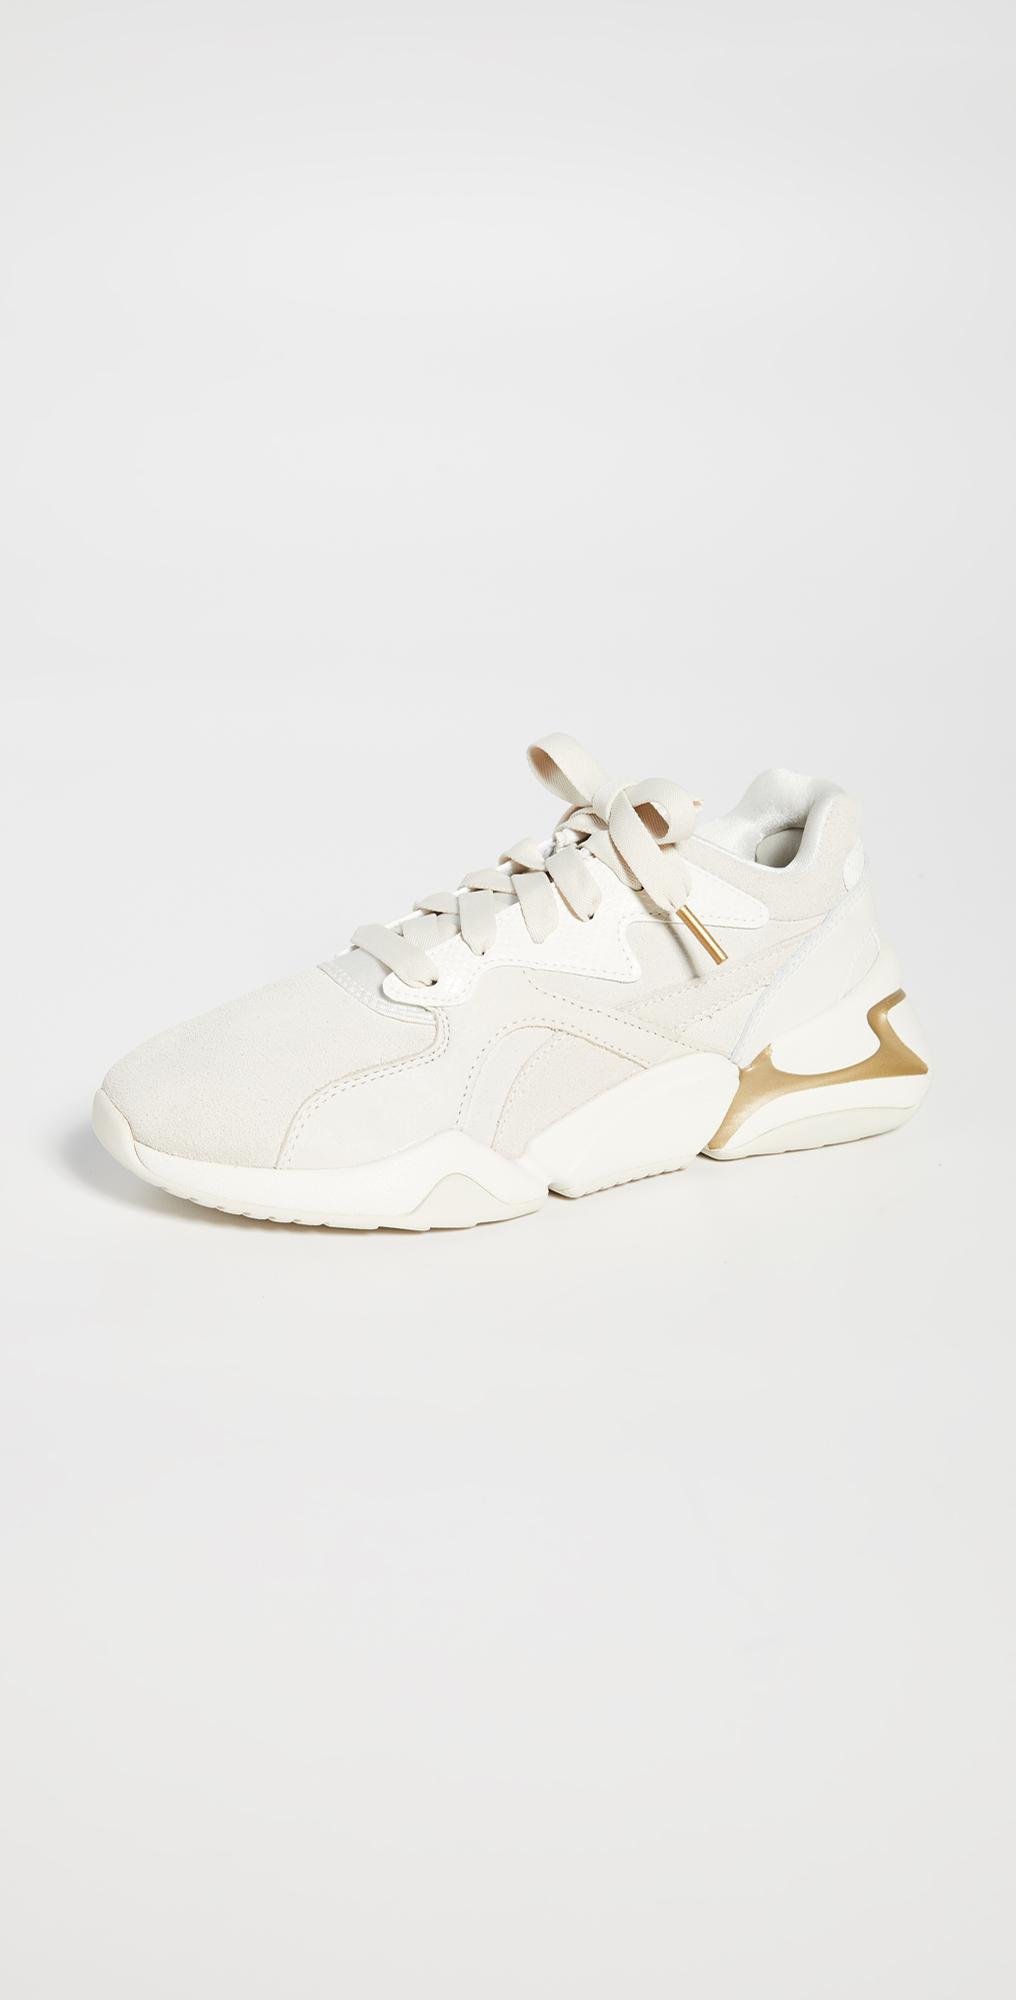 puma nova pastel grunge sneakers whisper white